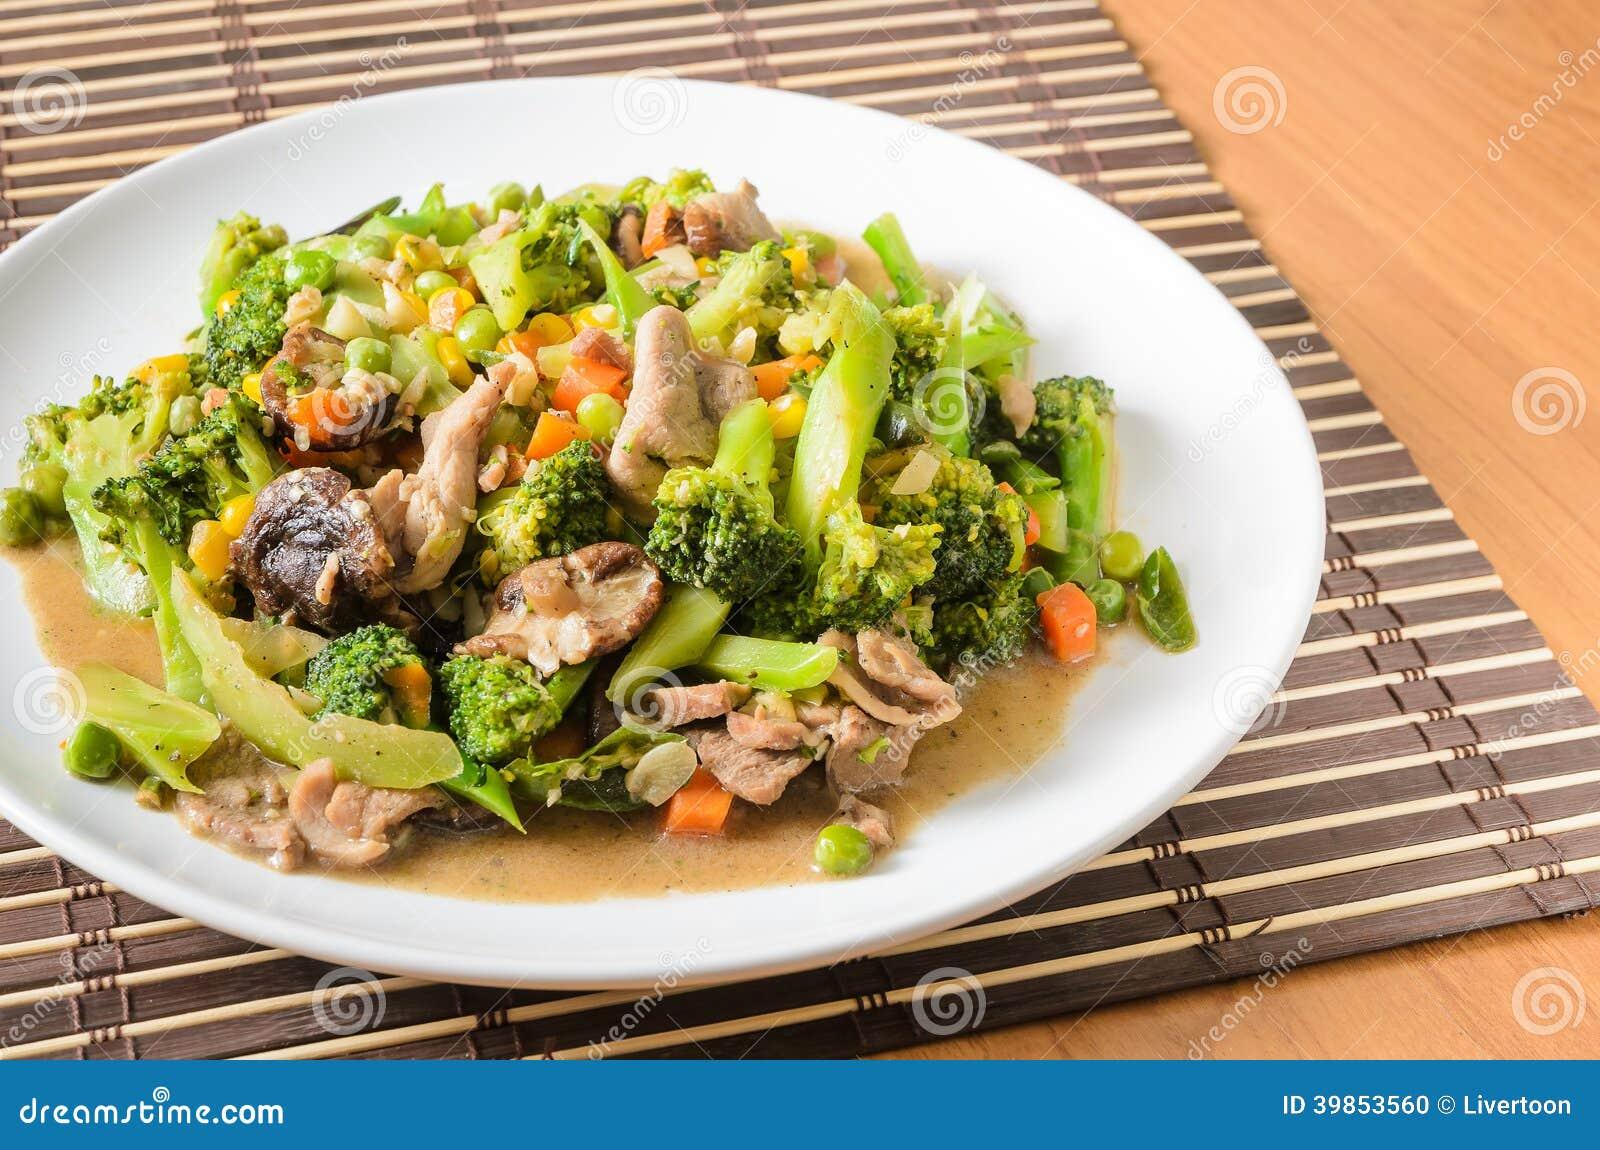 Agite brócolis fritados, cenoura, milho doce, feijão verde